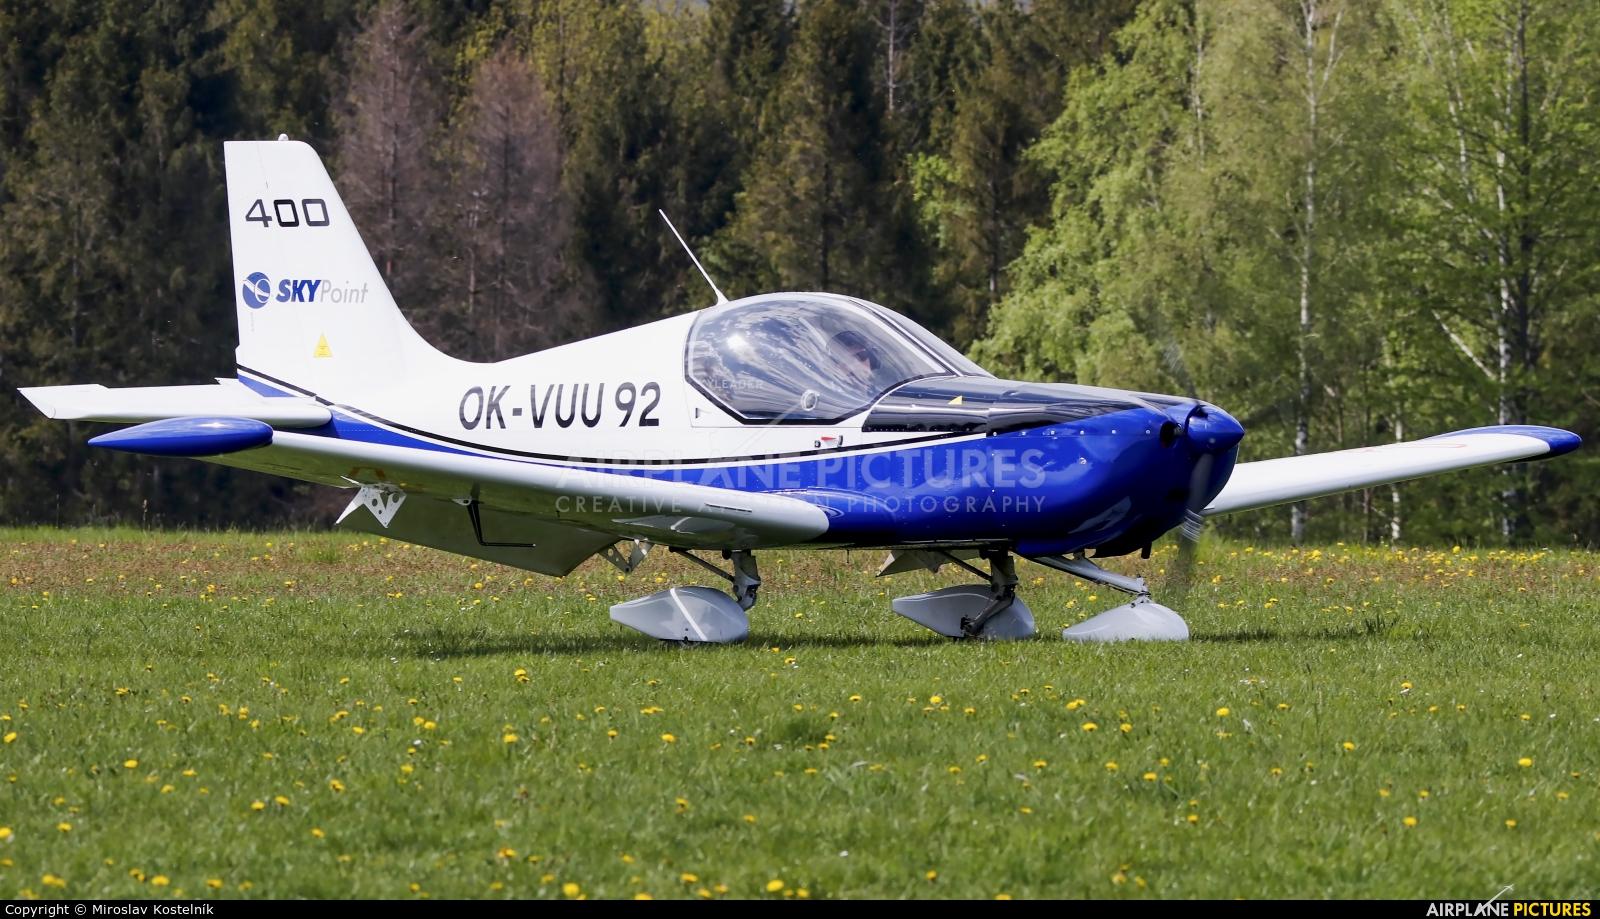 Private OK-VUU92 aircraft at Letiště Frýdlant nad Ostravicí